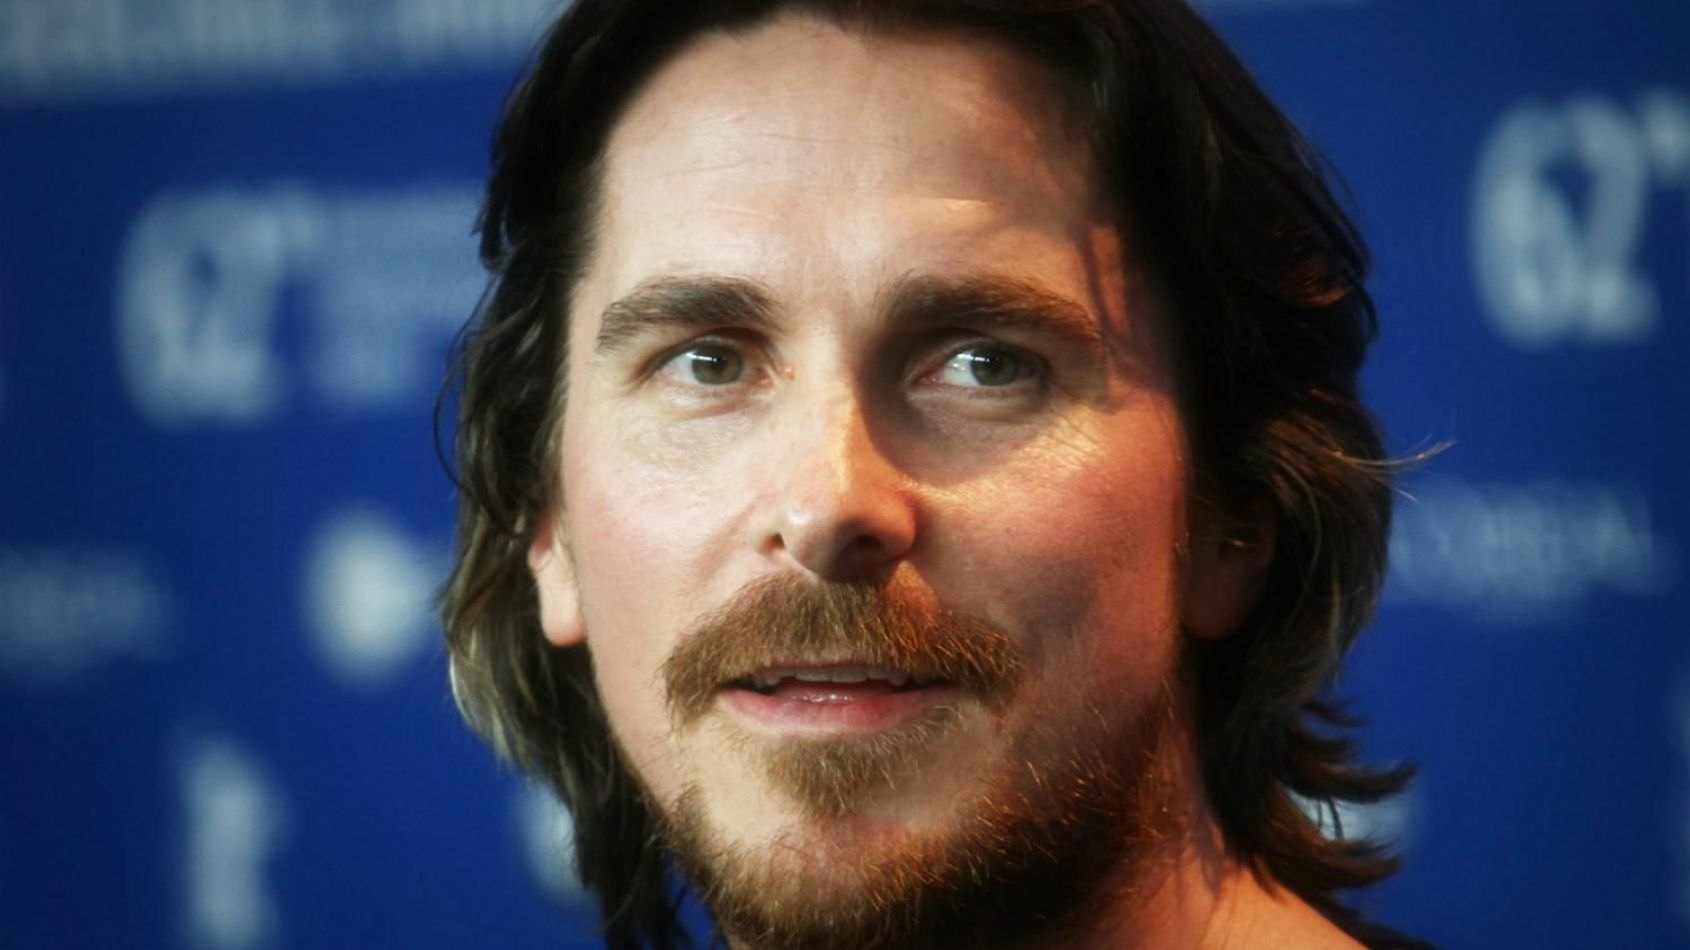 Christian Bale confirme qu'il aurait pu jouer dans Han Solo